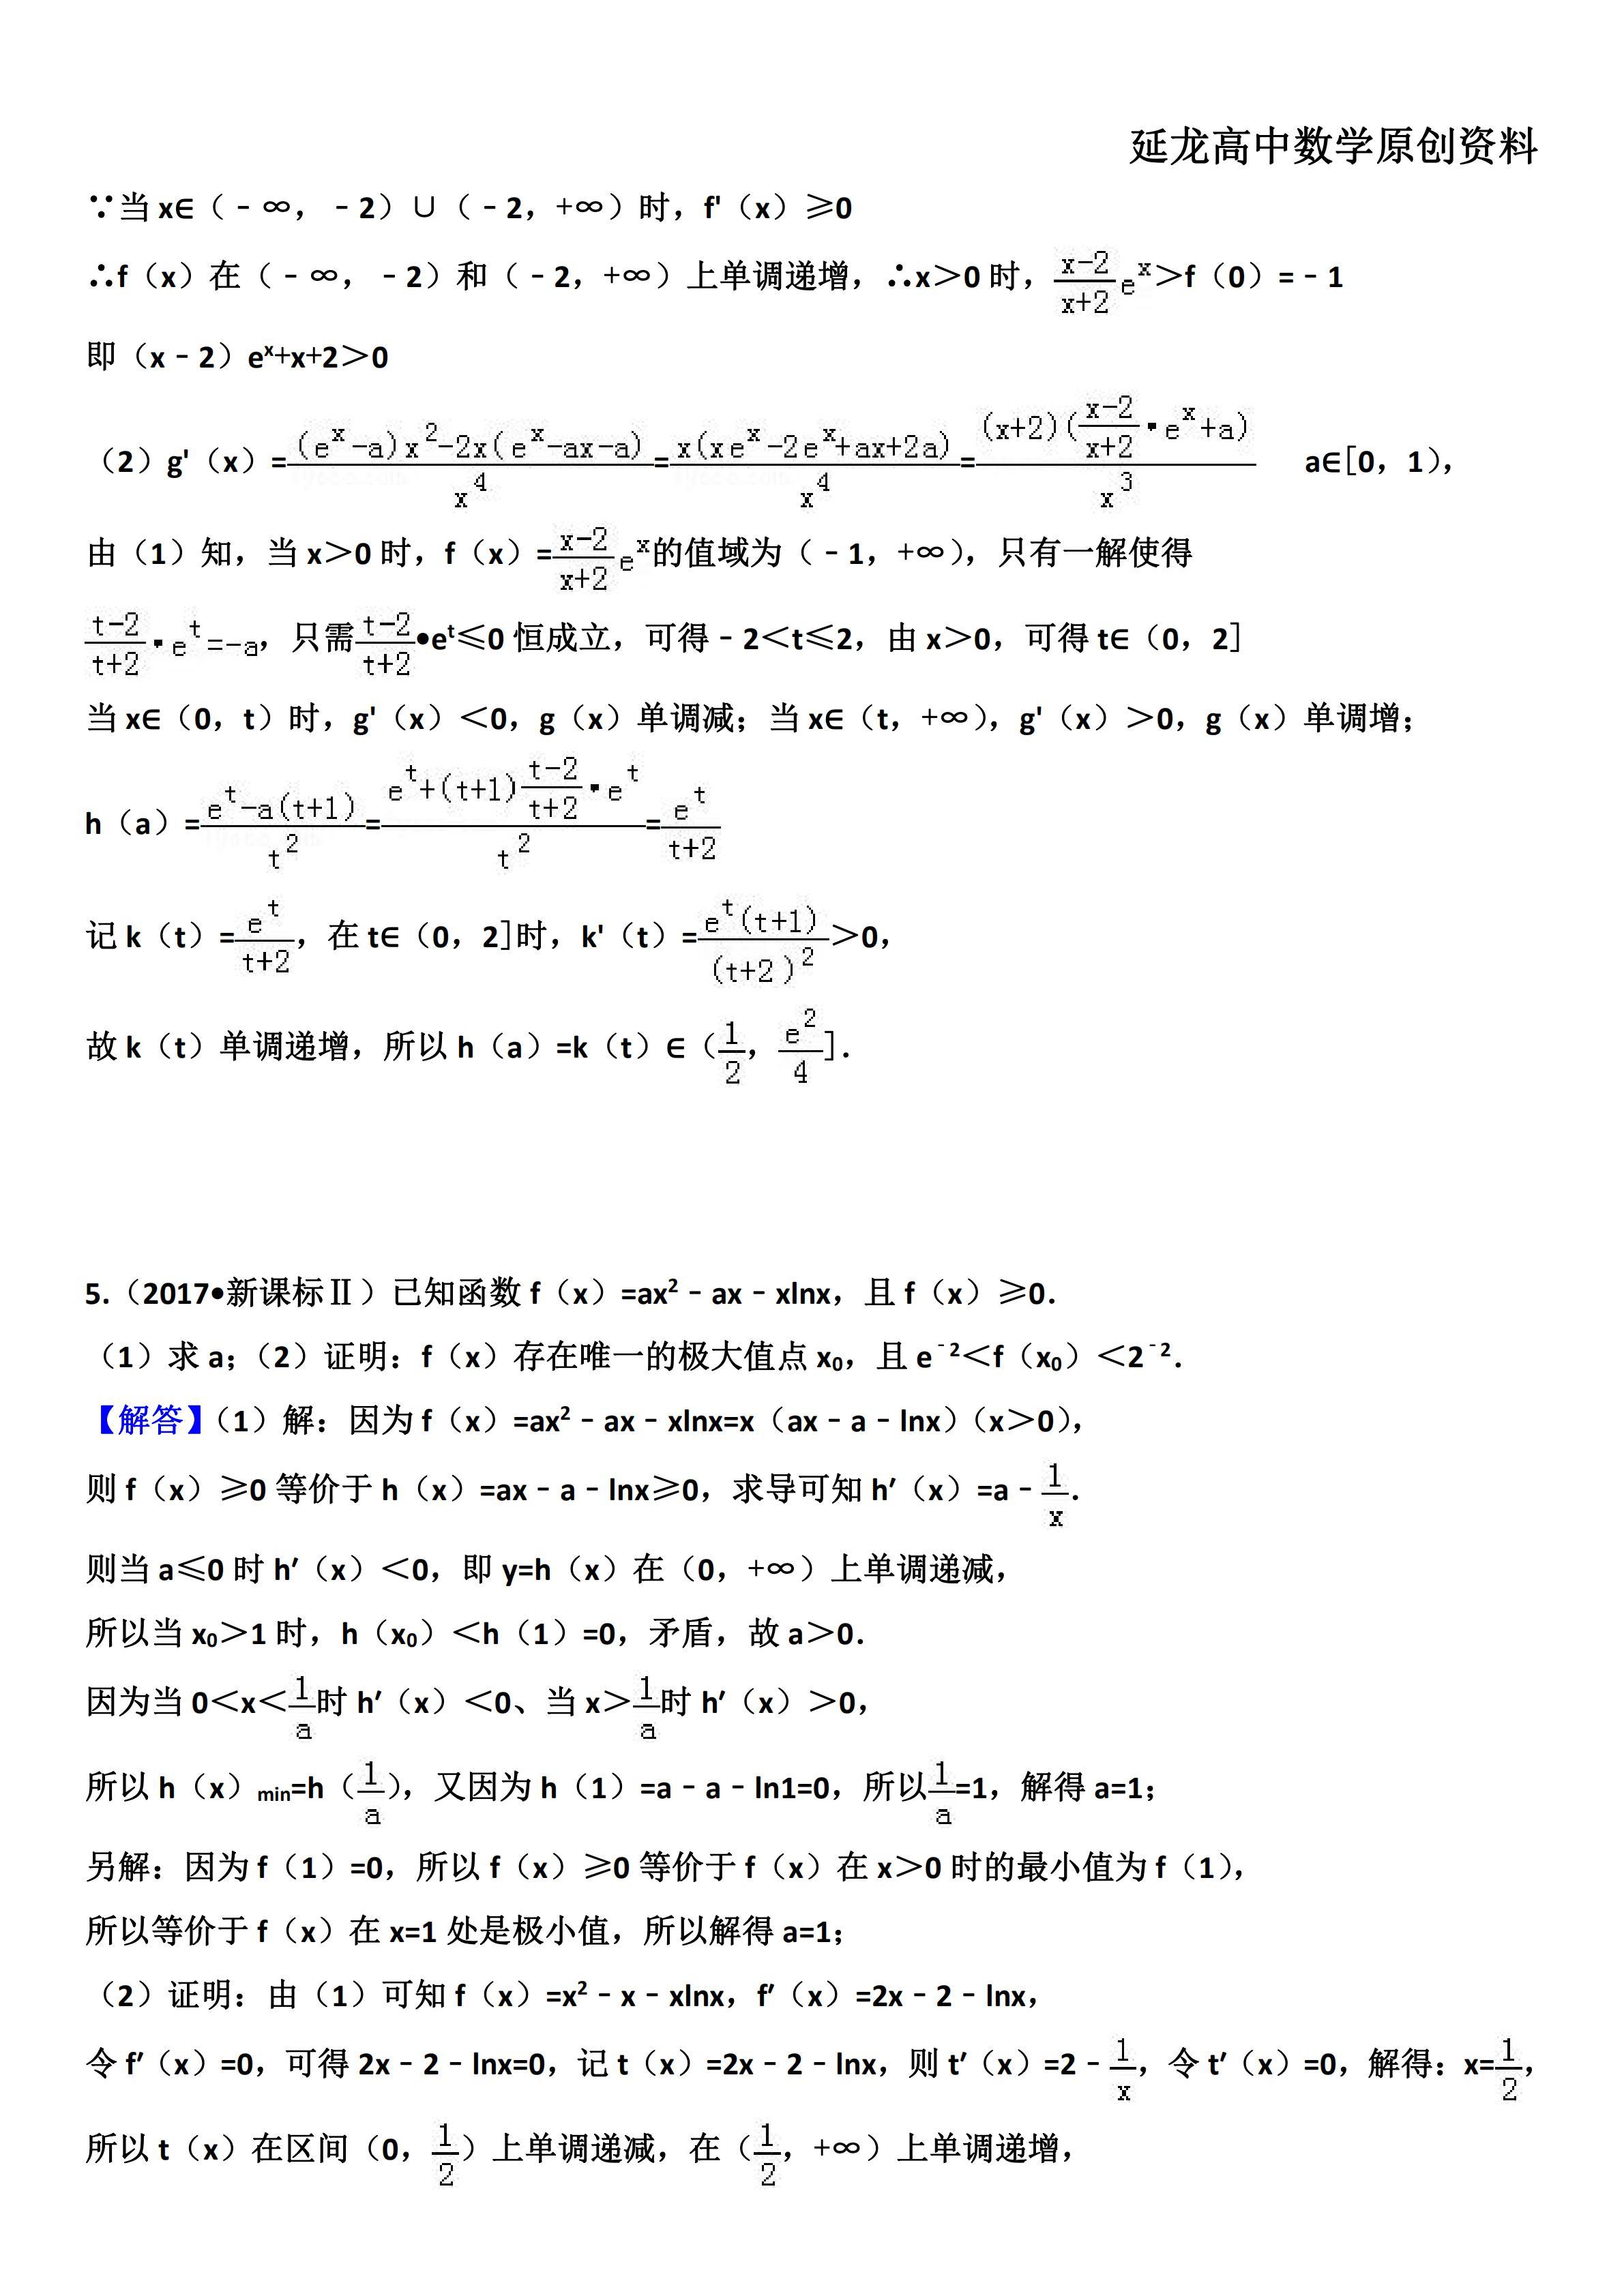 专题数学问题突破压轴题系列数学高中5隐零点导数准备高中难题竞赛如何图片